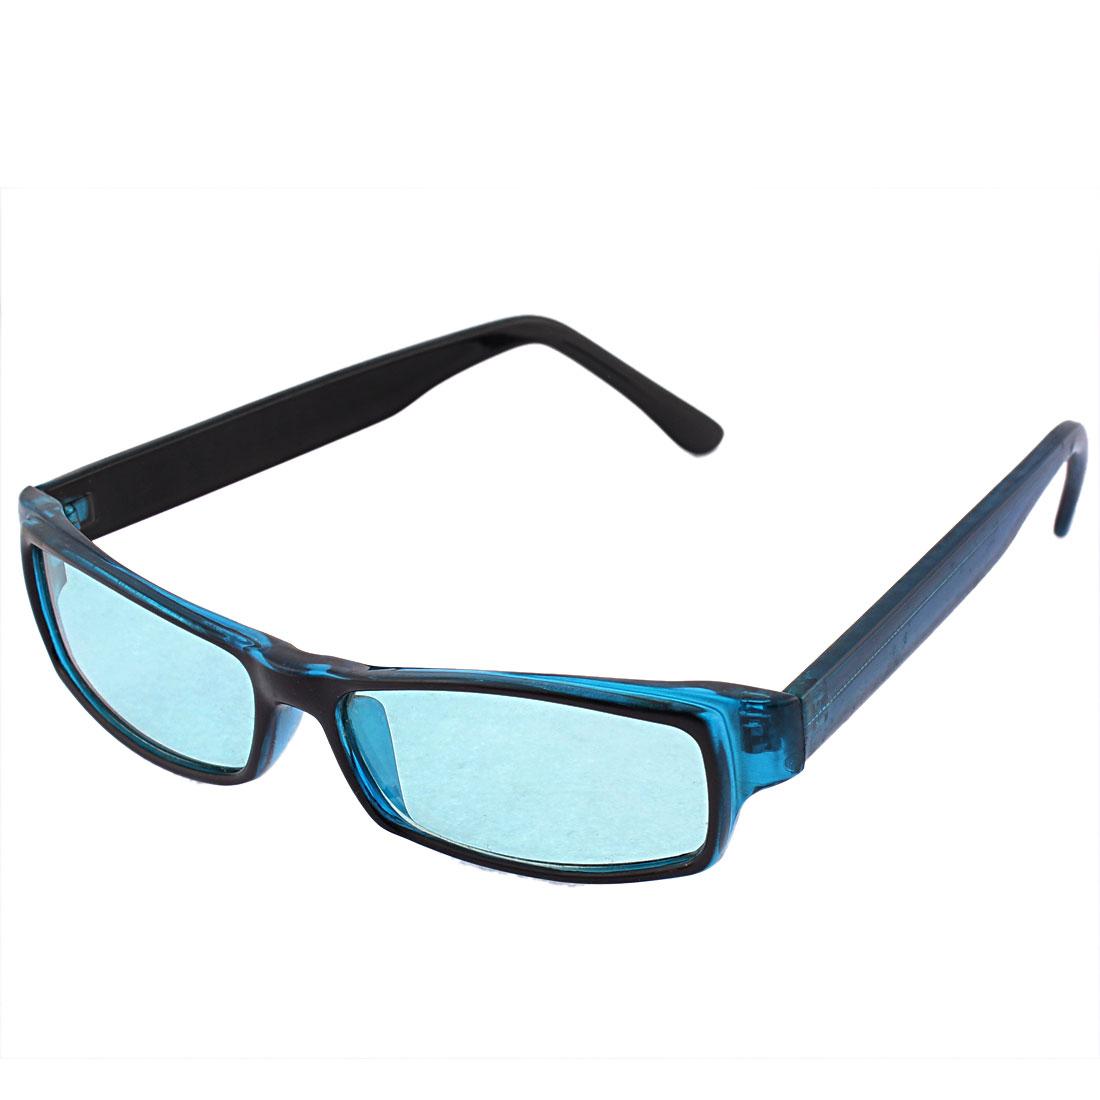 Rectangular Shape Green Lens Outdoor Sports Glasses Sunglasses for Men Women